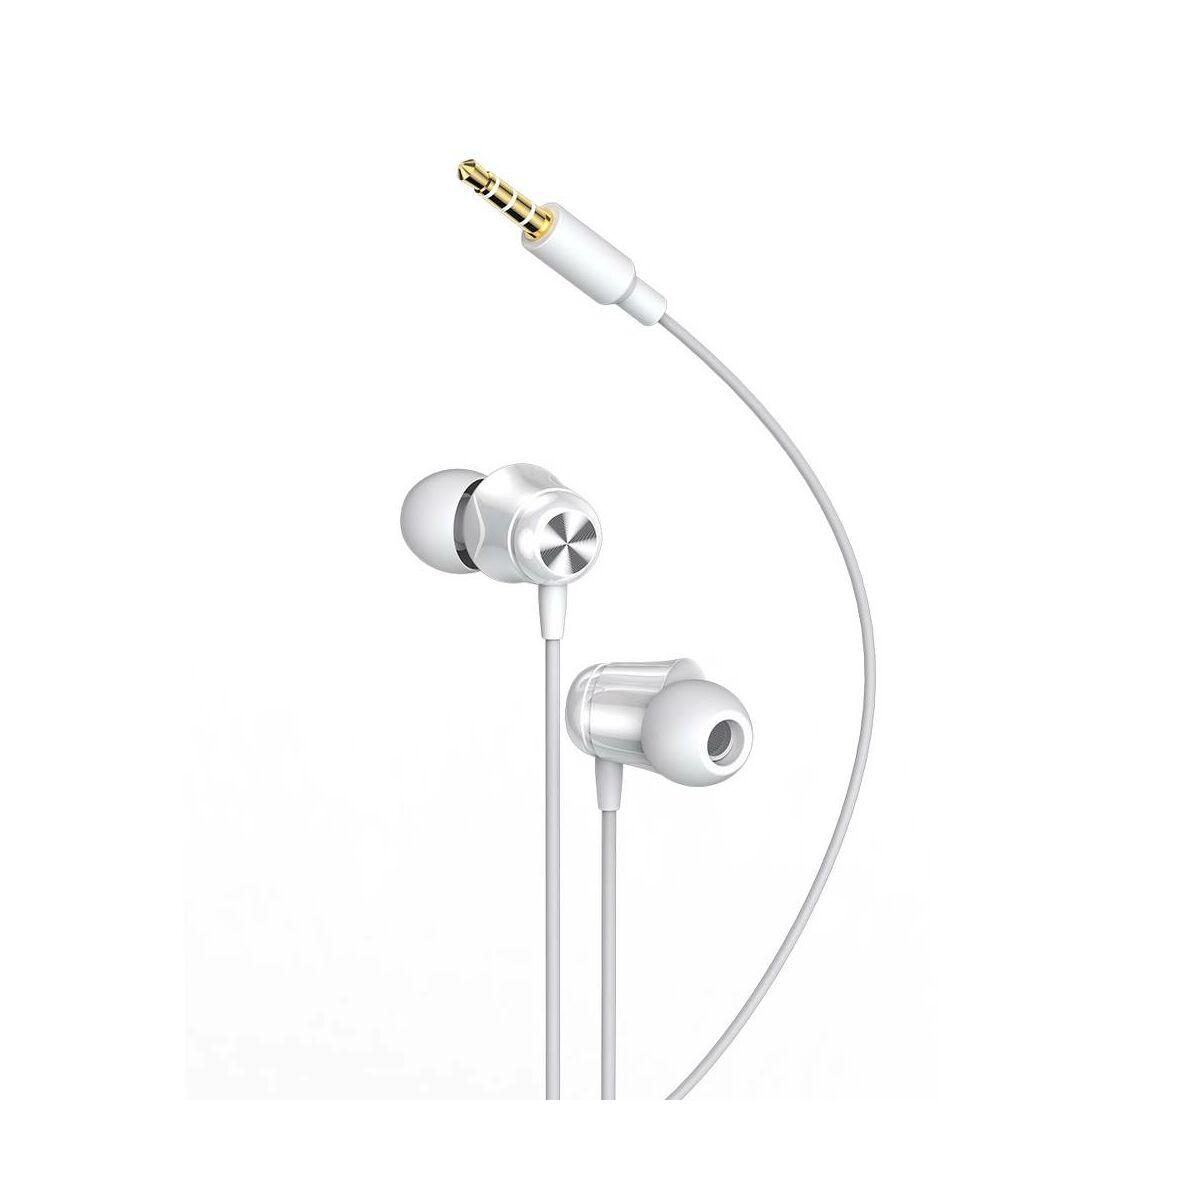 Baseus fülhallgató, Encok H13, vezetékes, vezérlővel, fehér (NGH13-02)